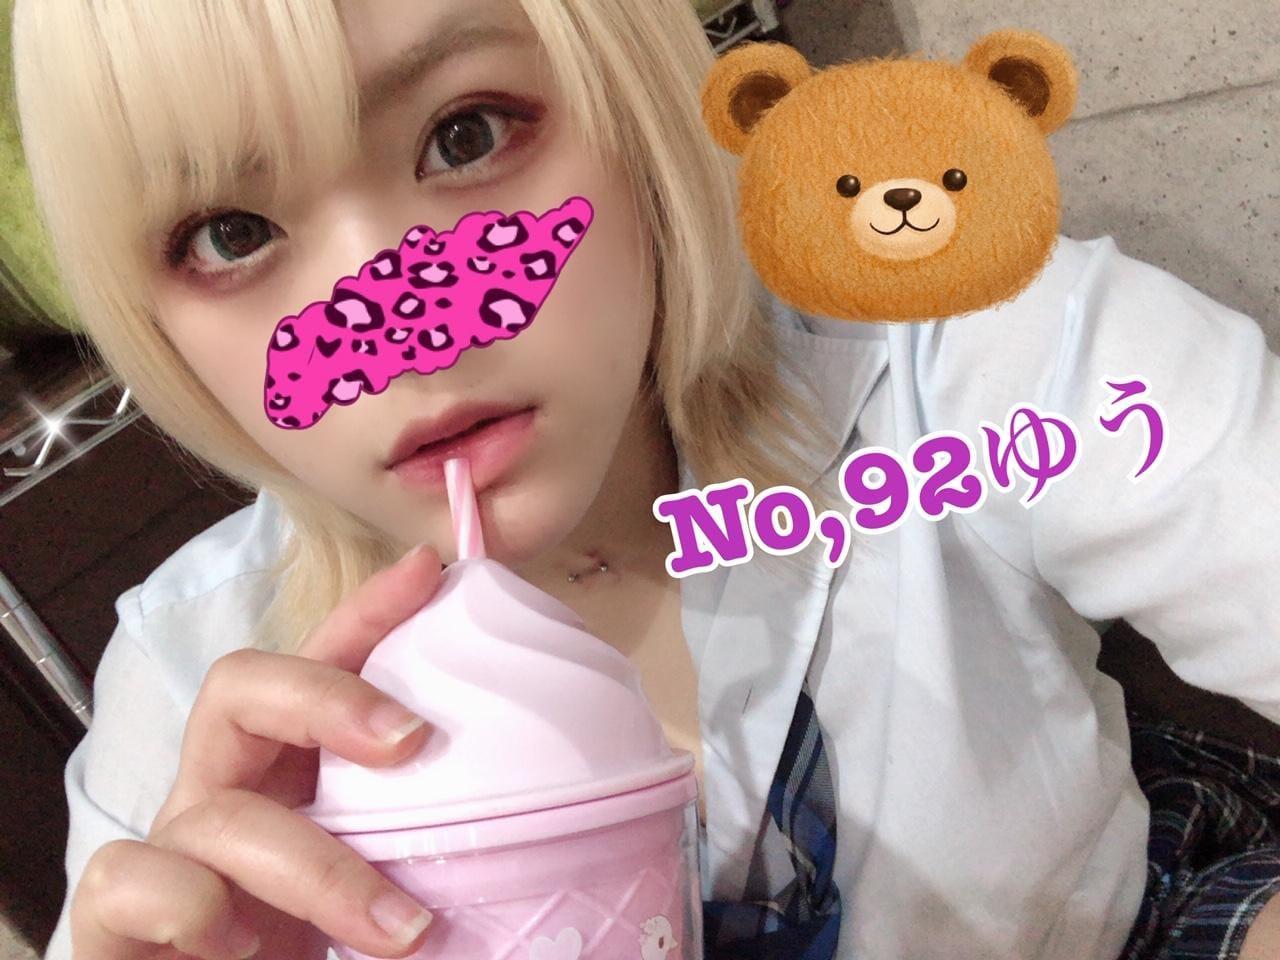 「おはよっ☆°。⋆⸜(* ॑꒳ ॑* )⸝」10/29(火) 08:52 | ゆうの写メ・風俗動画